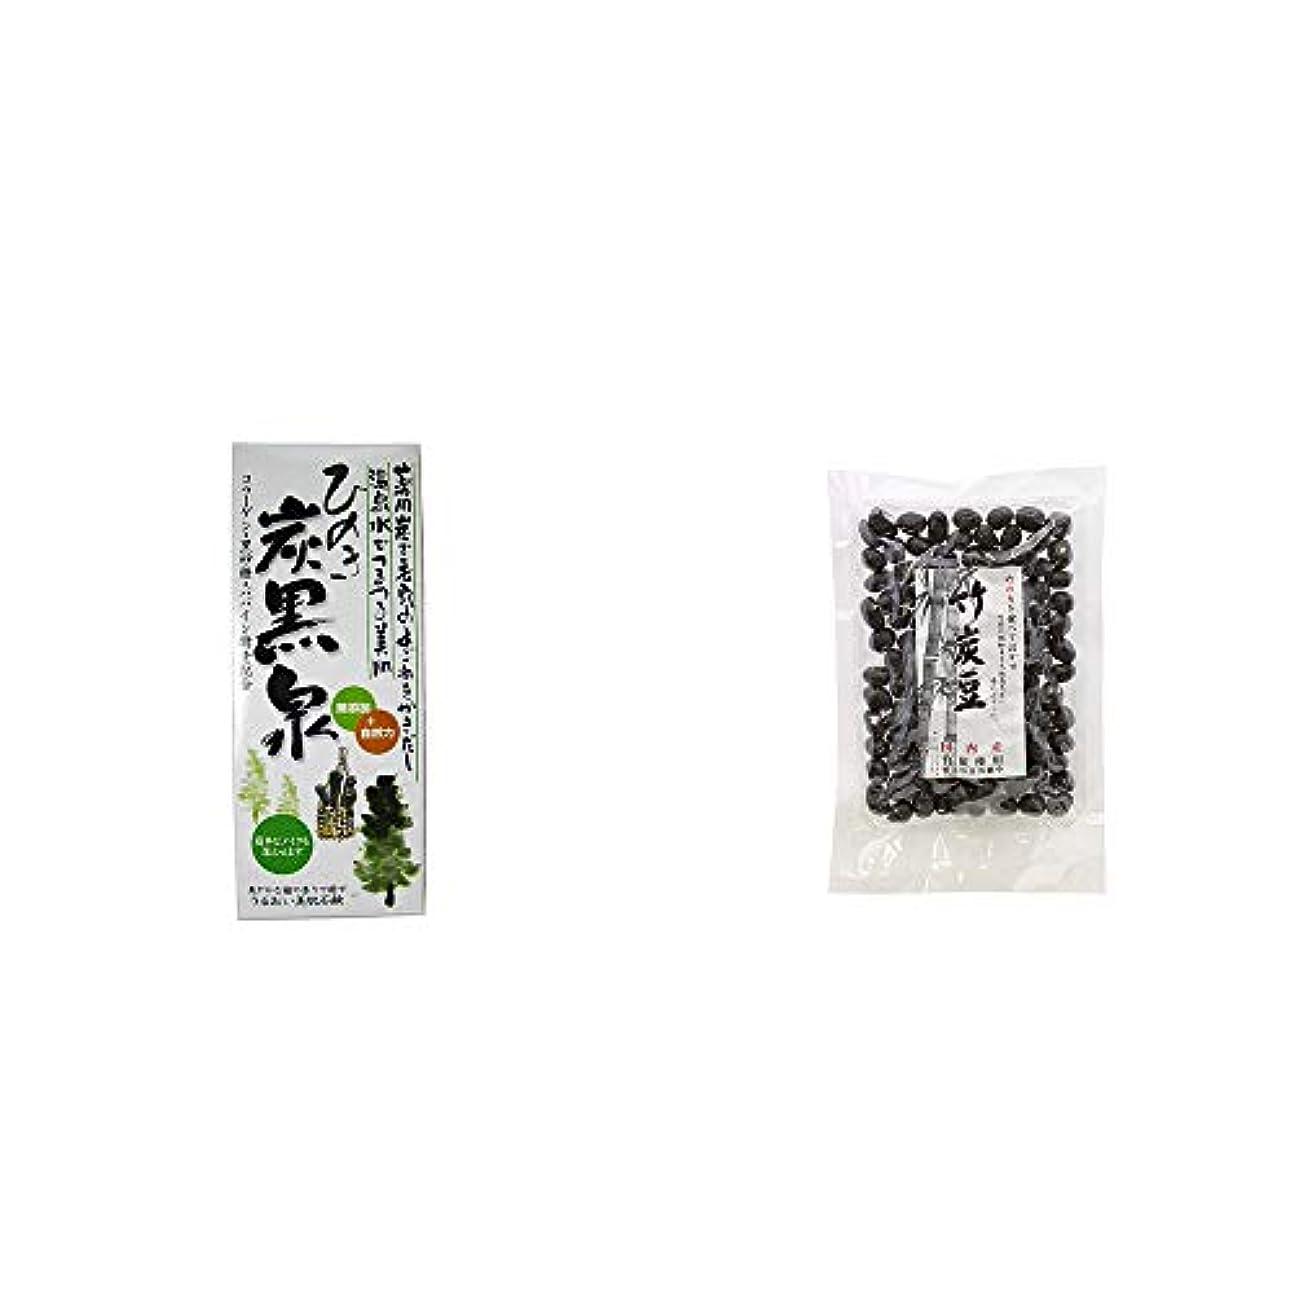 不調和パーツ広まった[2点セット] ひのき炭黒泉 箱入り(75g×3)?国内産 竹炭使用 竹炭豆(160g)